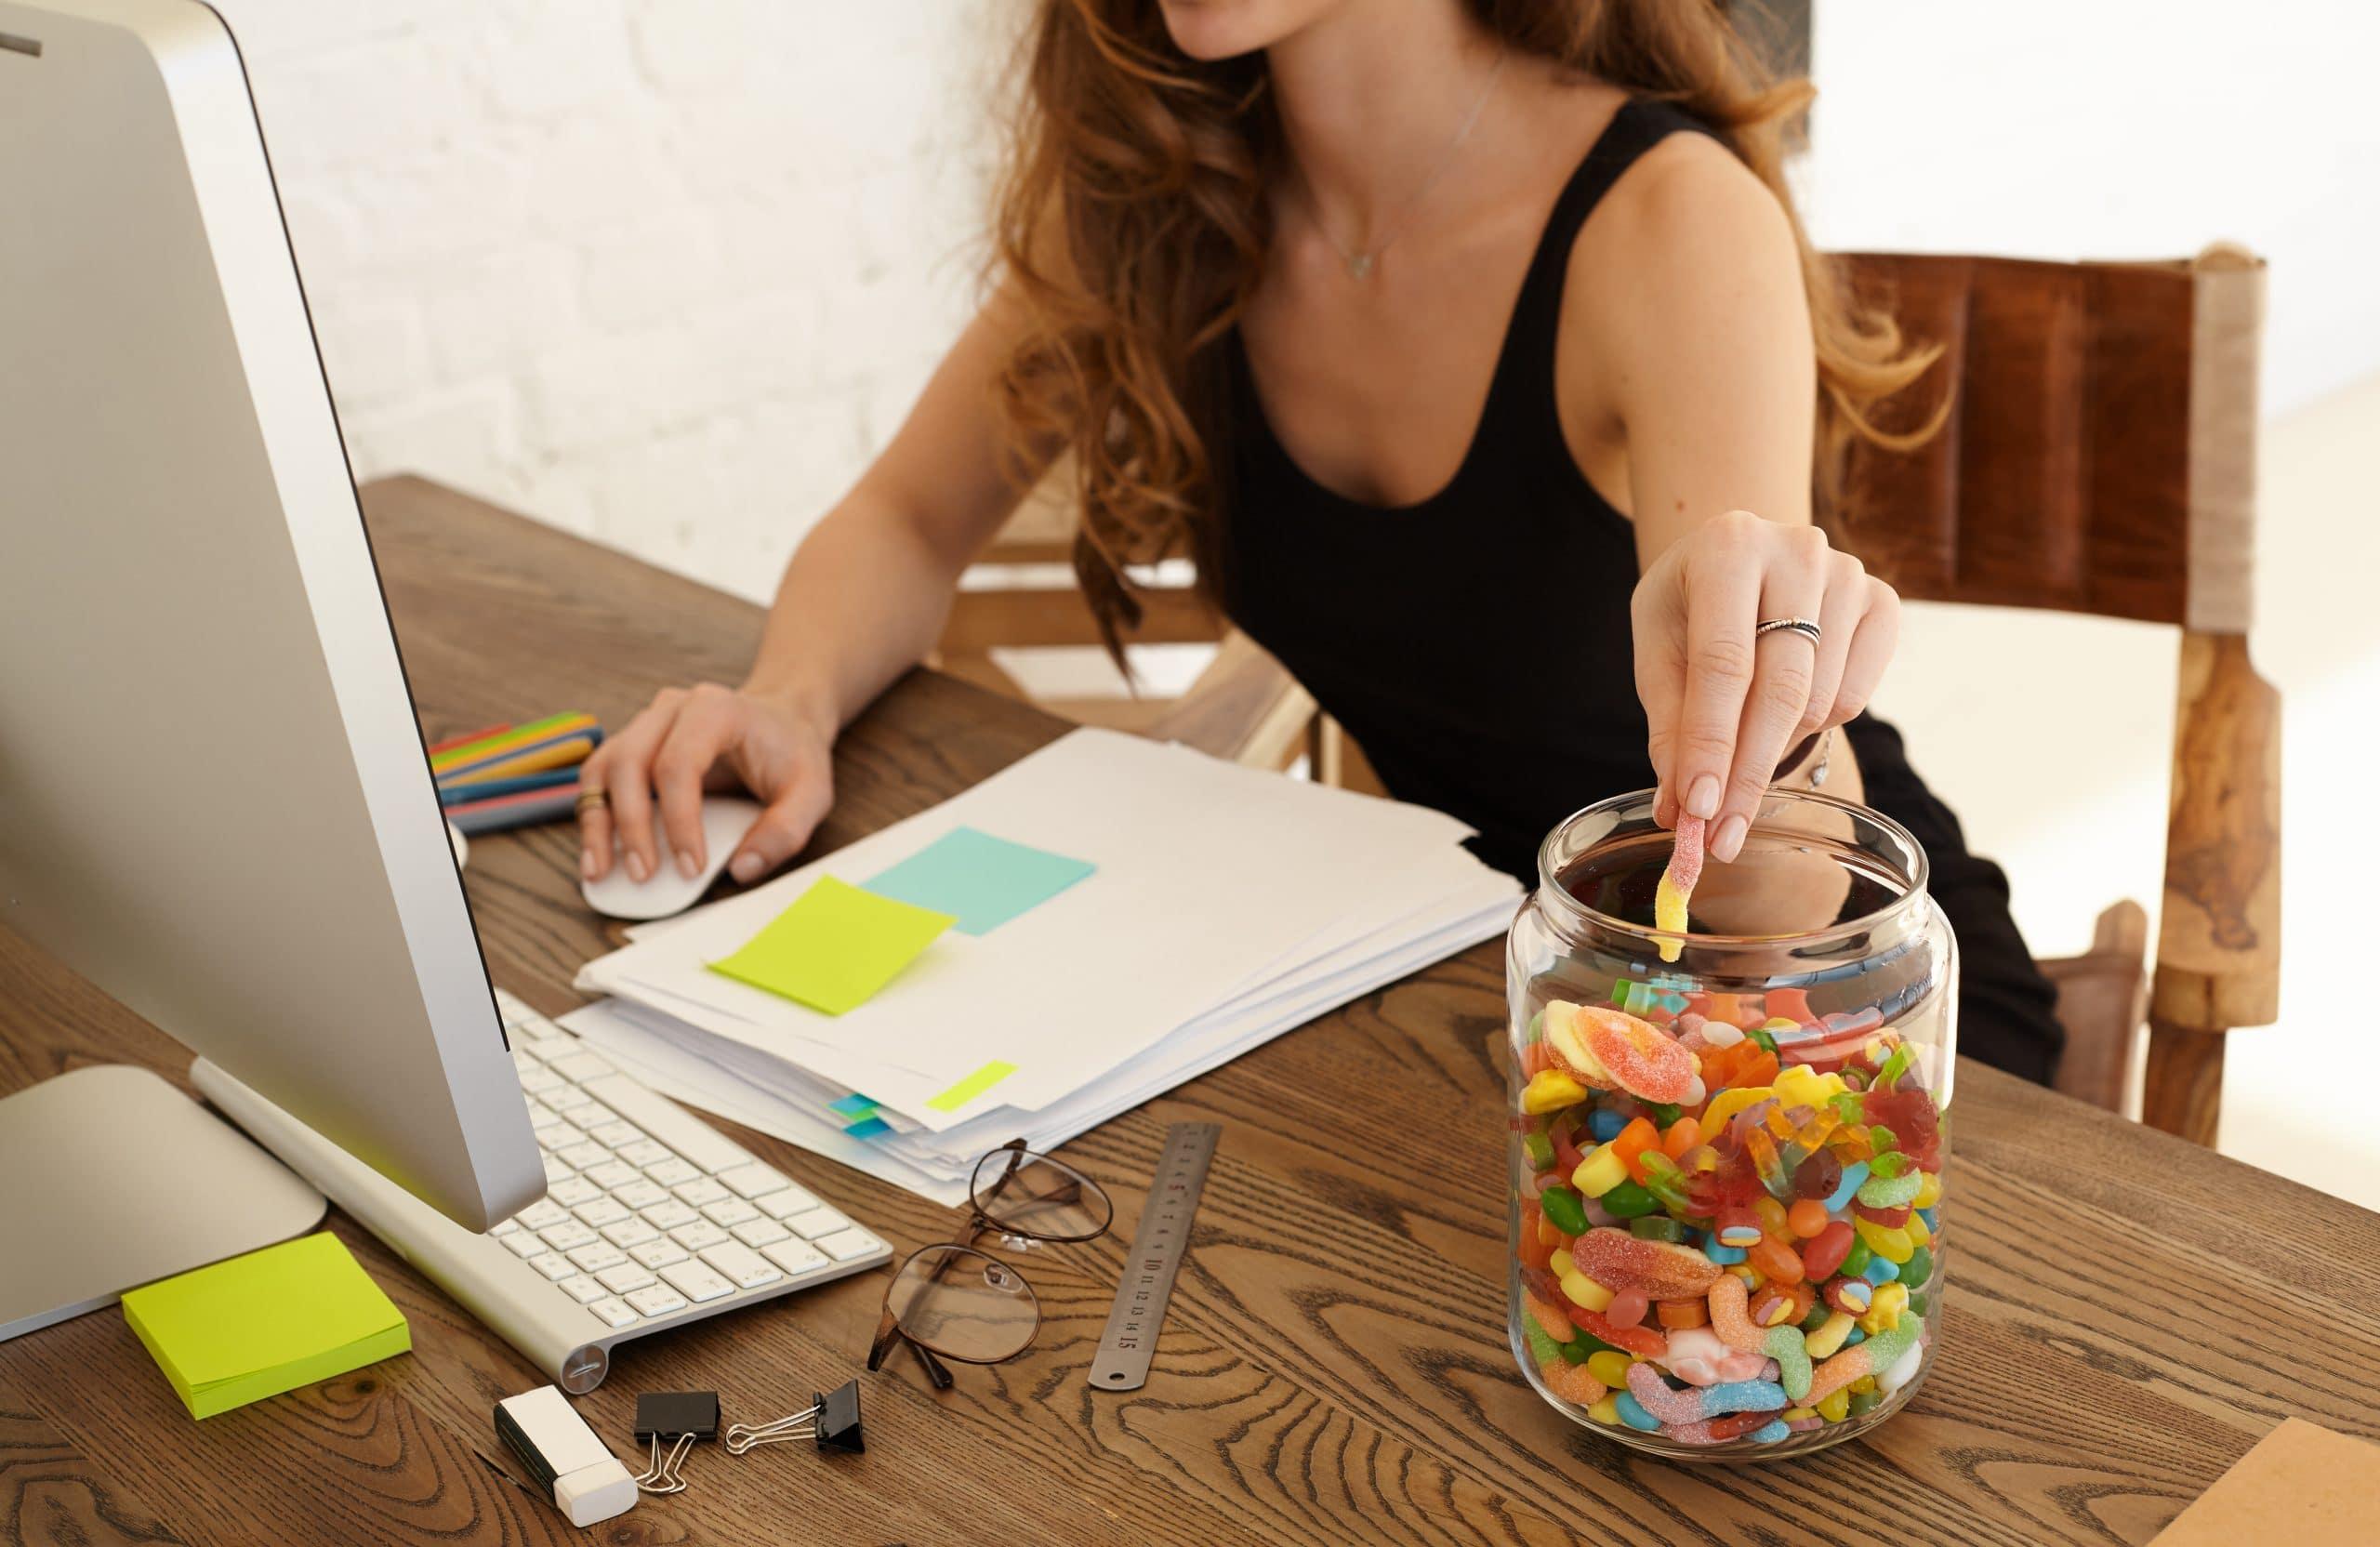 Donna che mangia caramelle davanti al computer